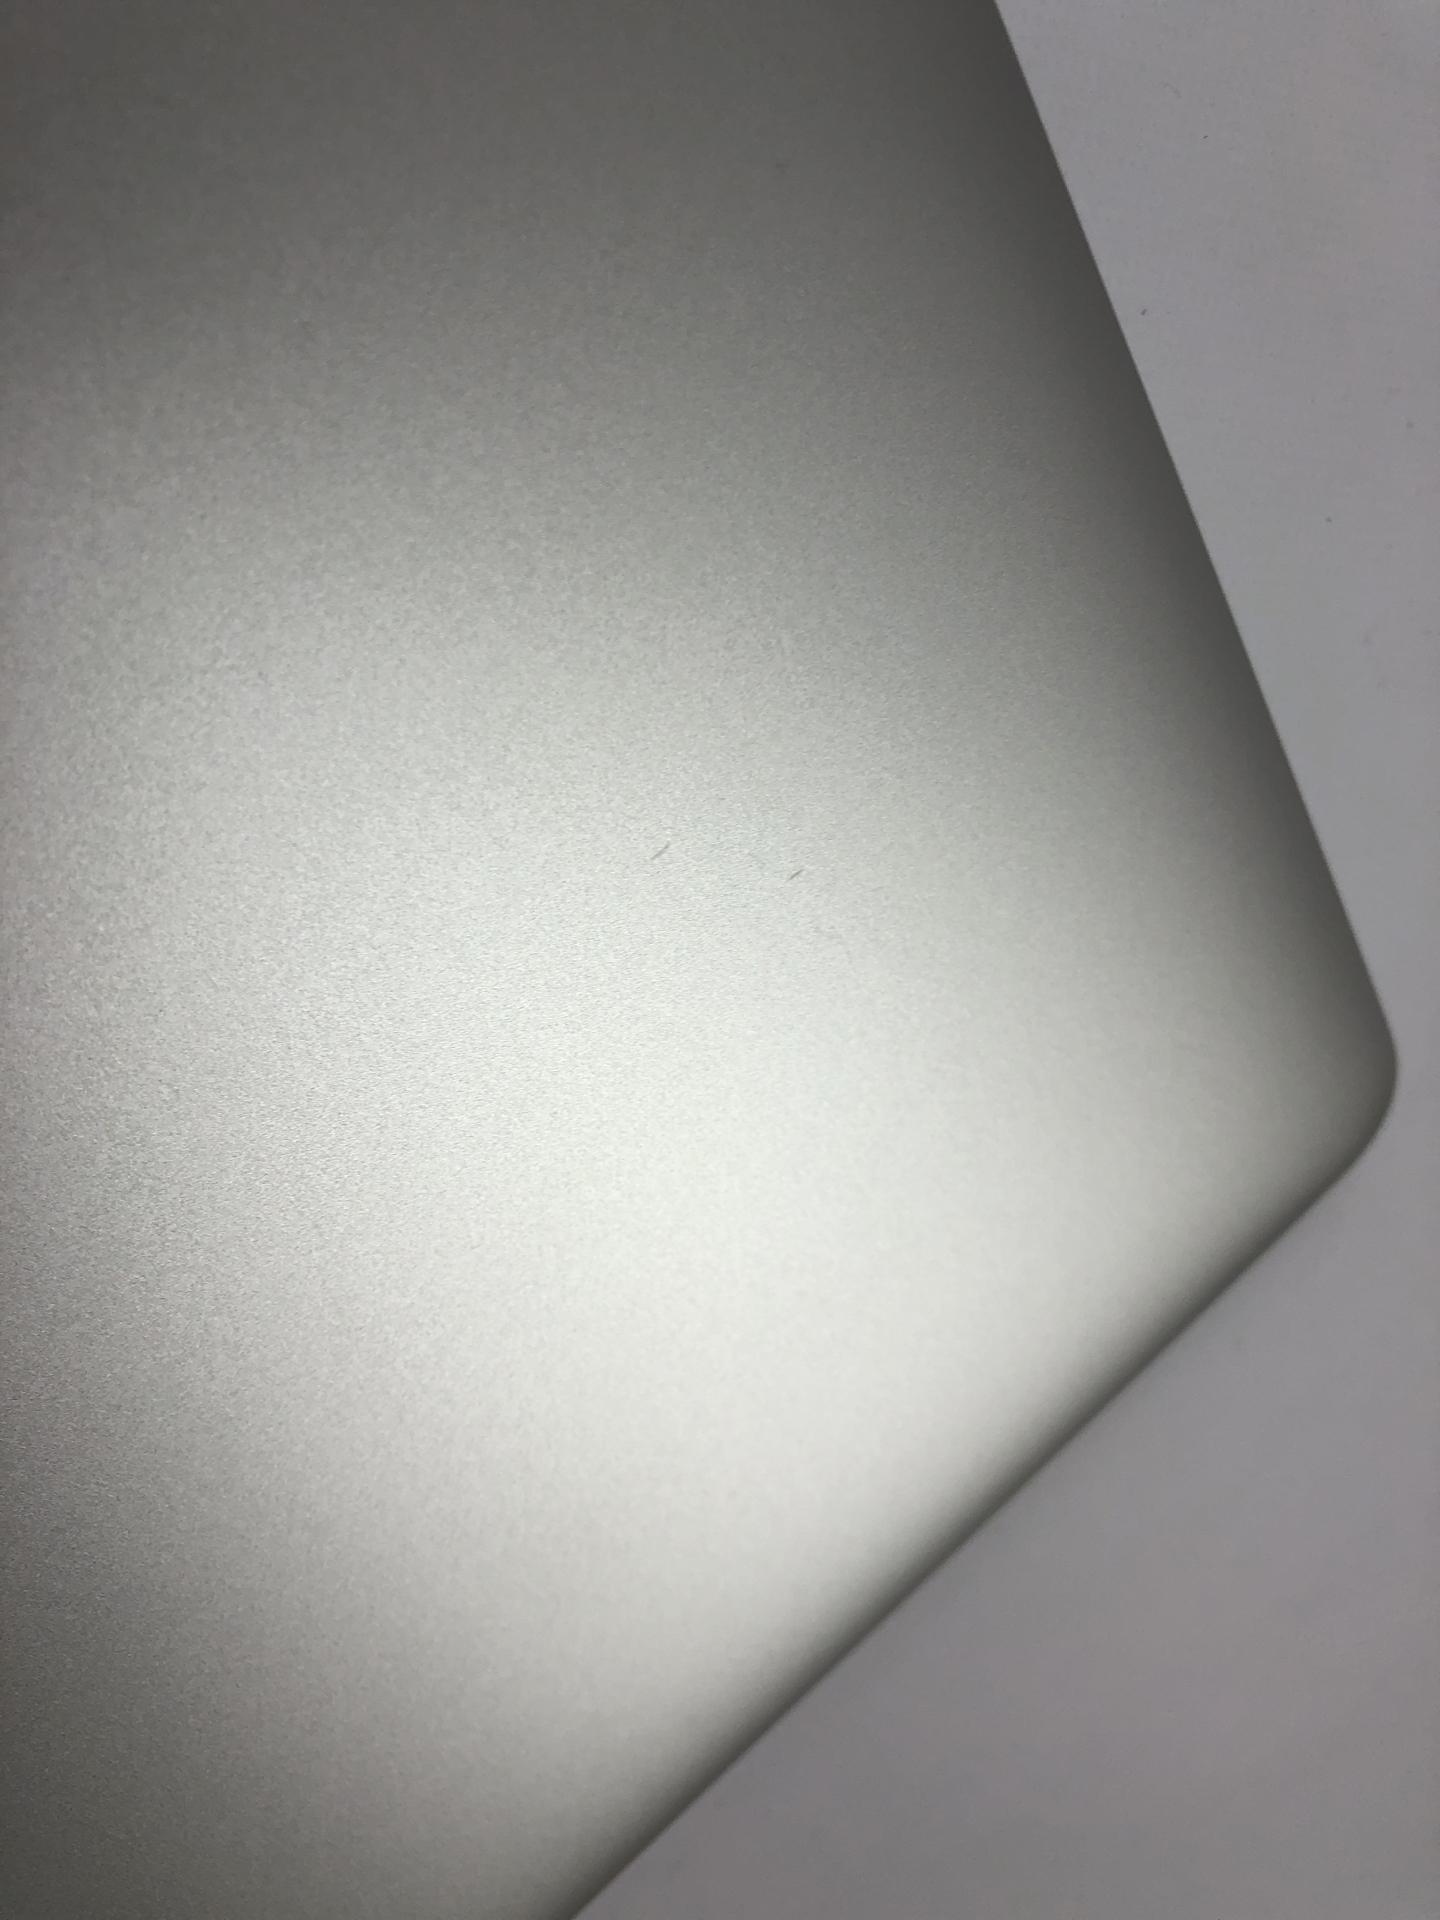 """MacBook Pro Retina 15"""" Mid 2015 (Intel Quad-Core i7 2.8 GHz 16 GB RAM 256 GB SSD), Intel Quad-Core i7 2.8 GHz, 16 GB RAM, 256 GB SSD, bild 4"""